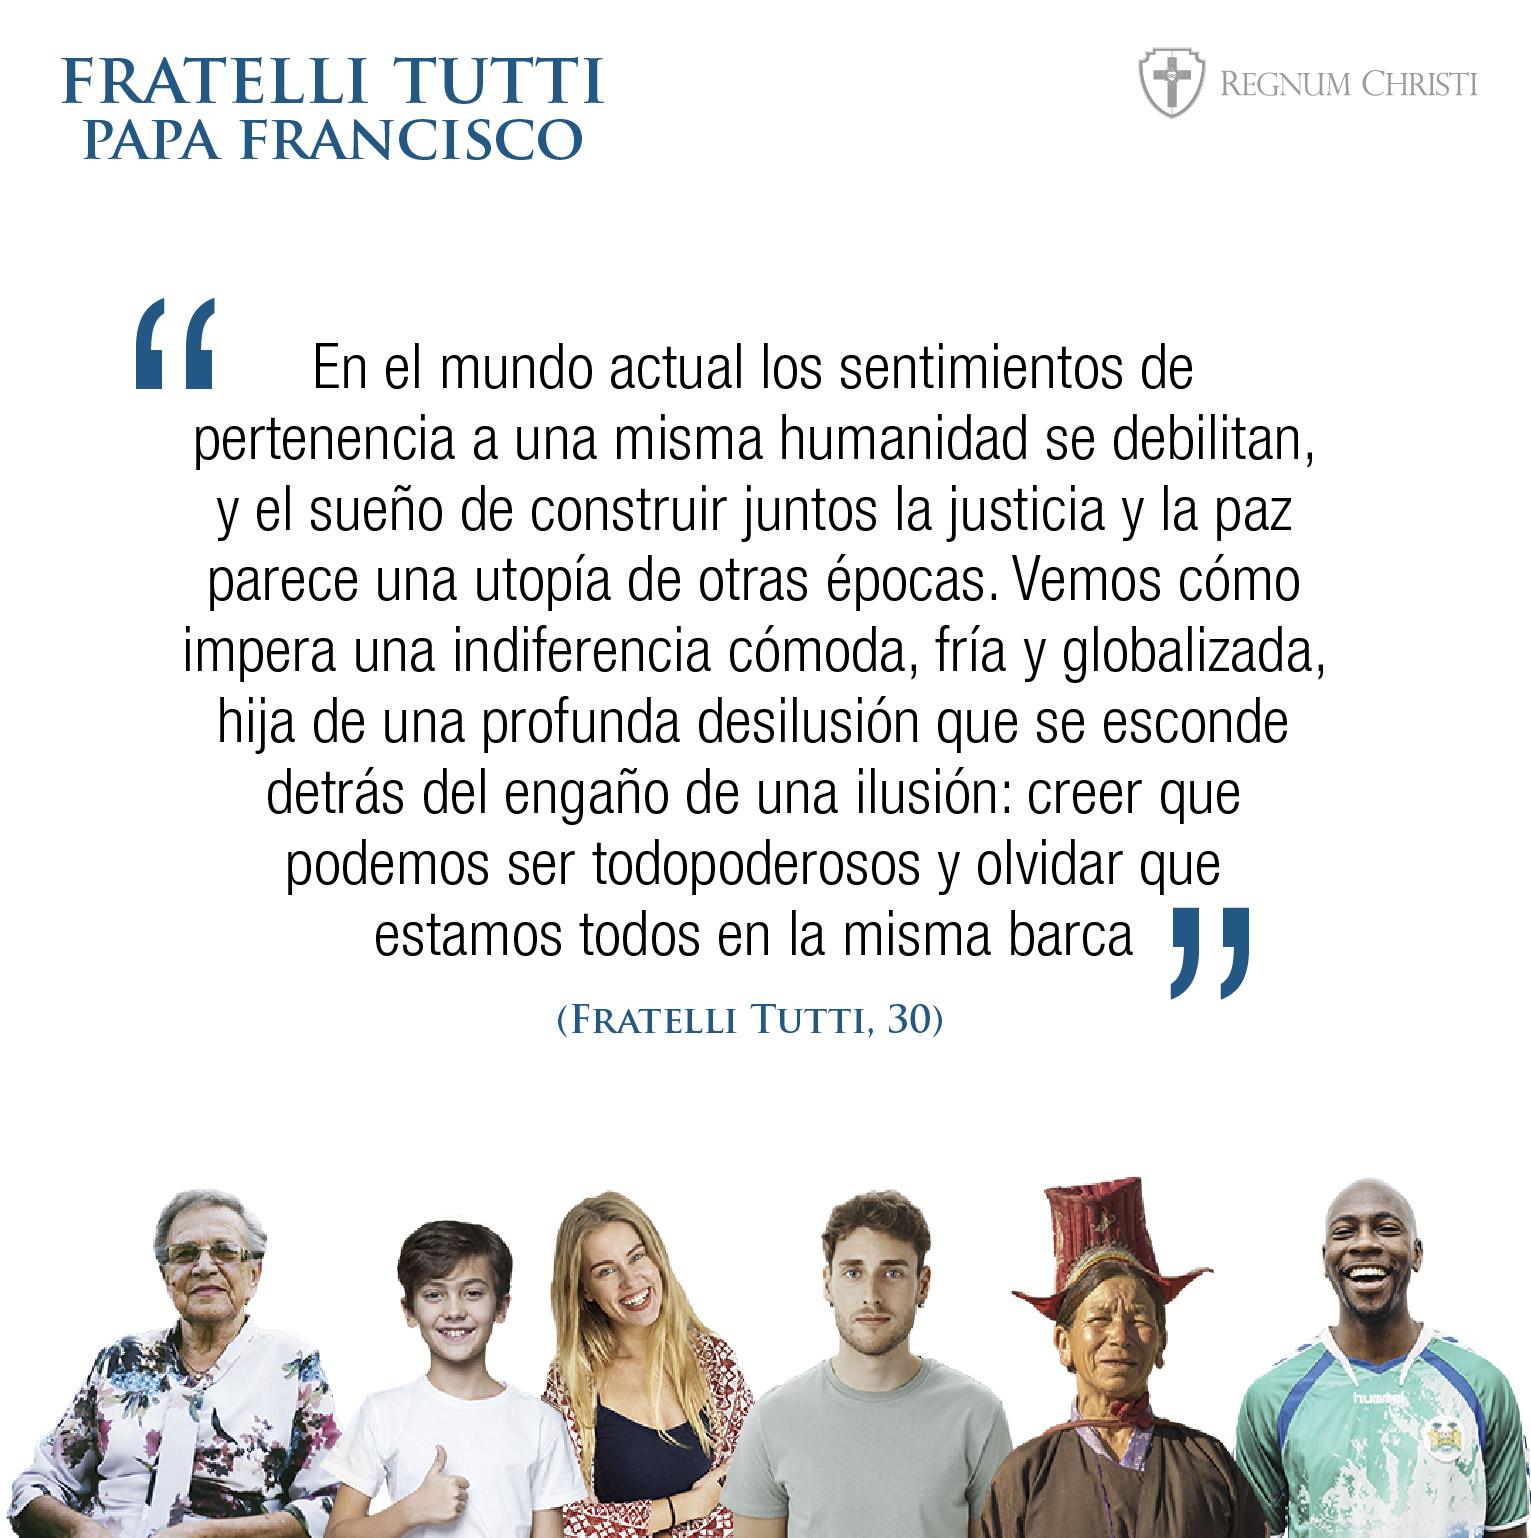 Fratelli Tutti-03